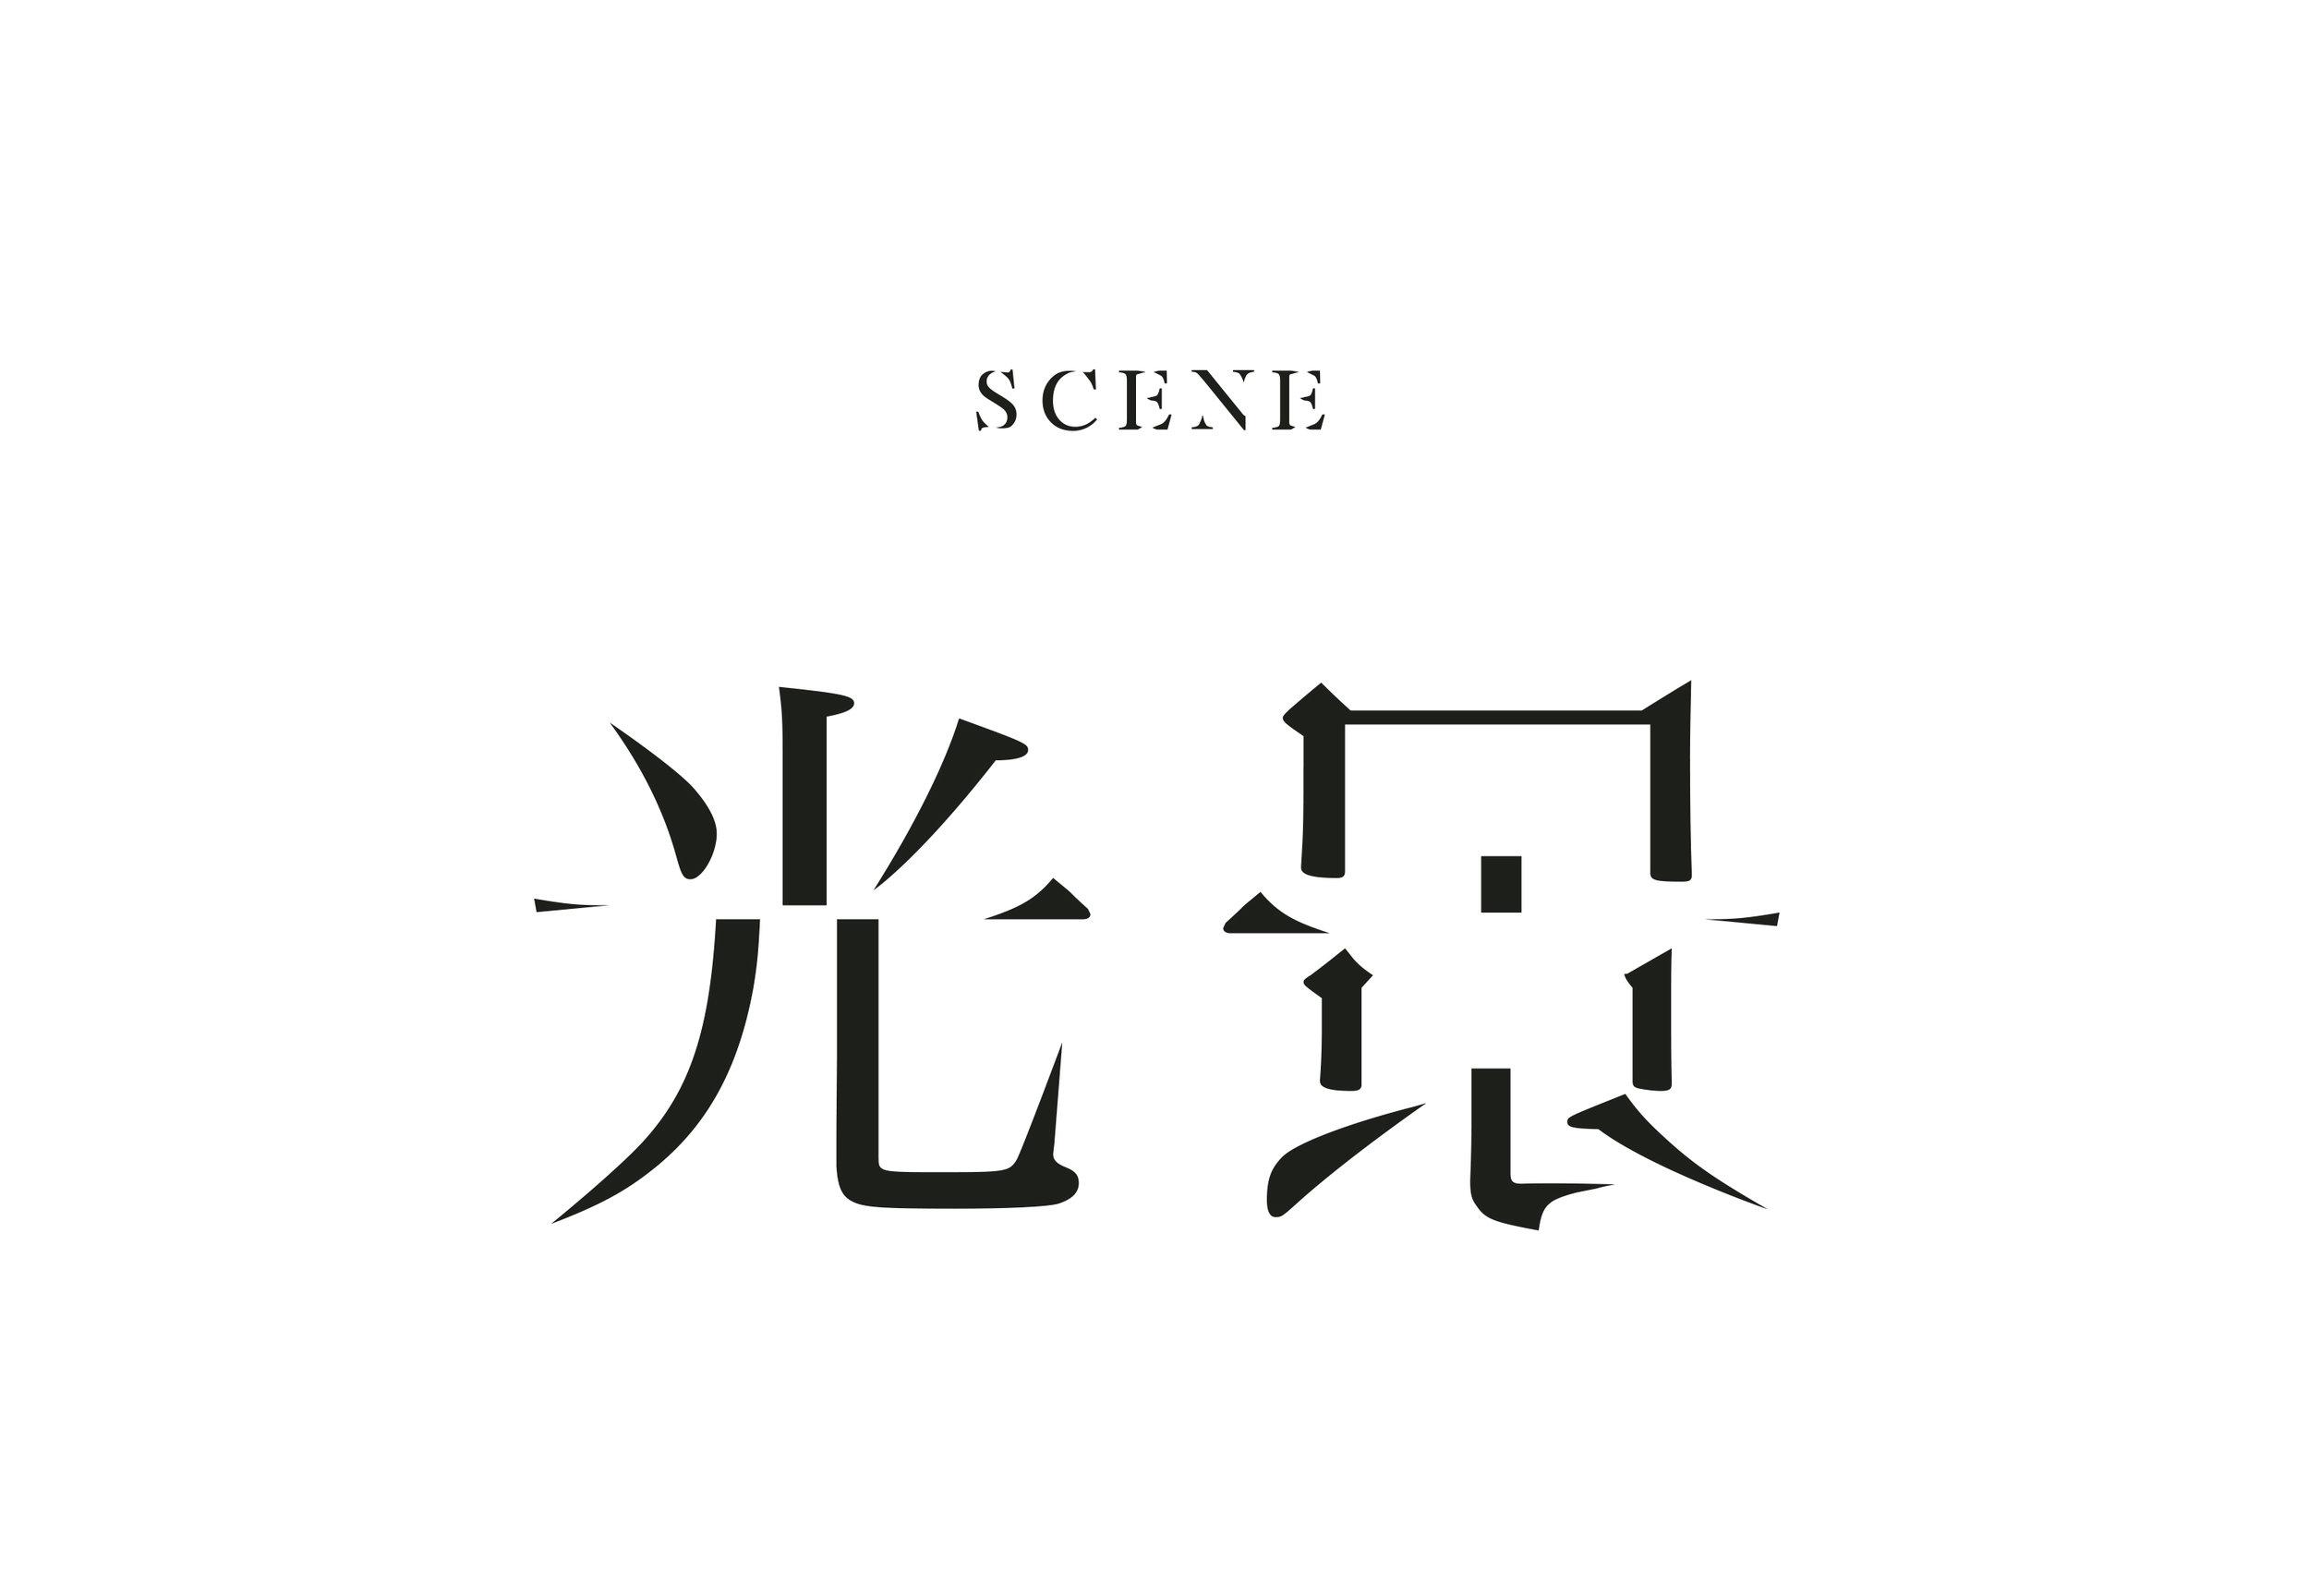 squarespace 客戶公版_SCENE.jpg